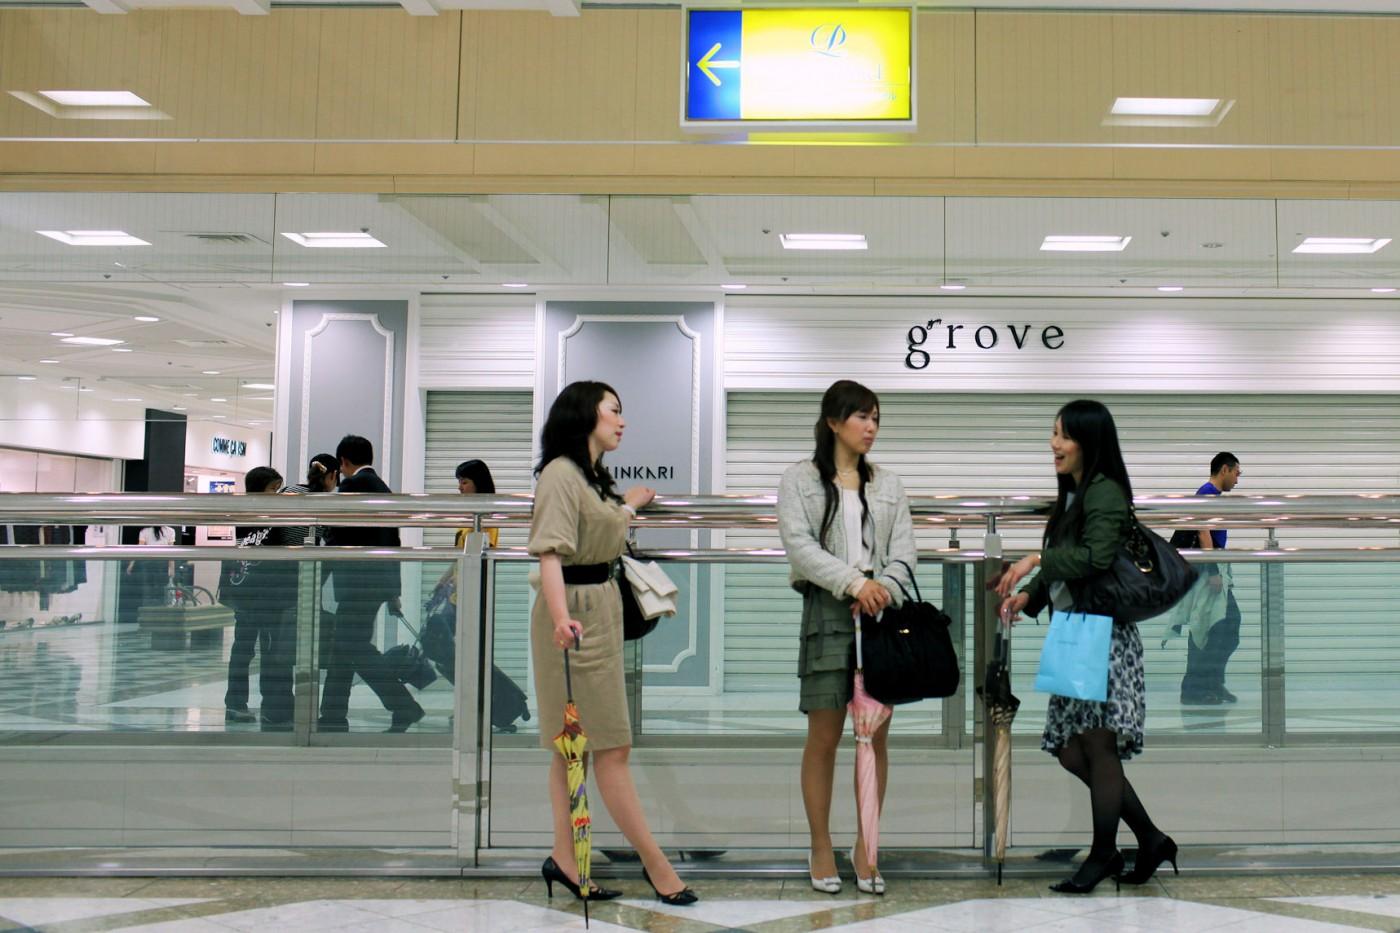 彈性工時改革時代來臨,日本企業流行週休三天制度